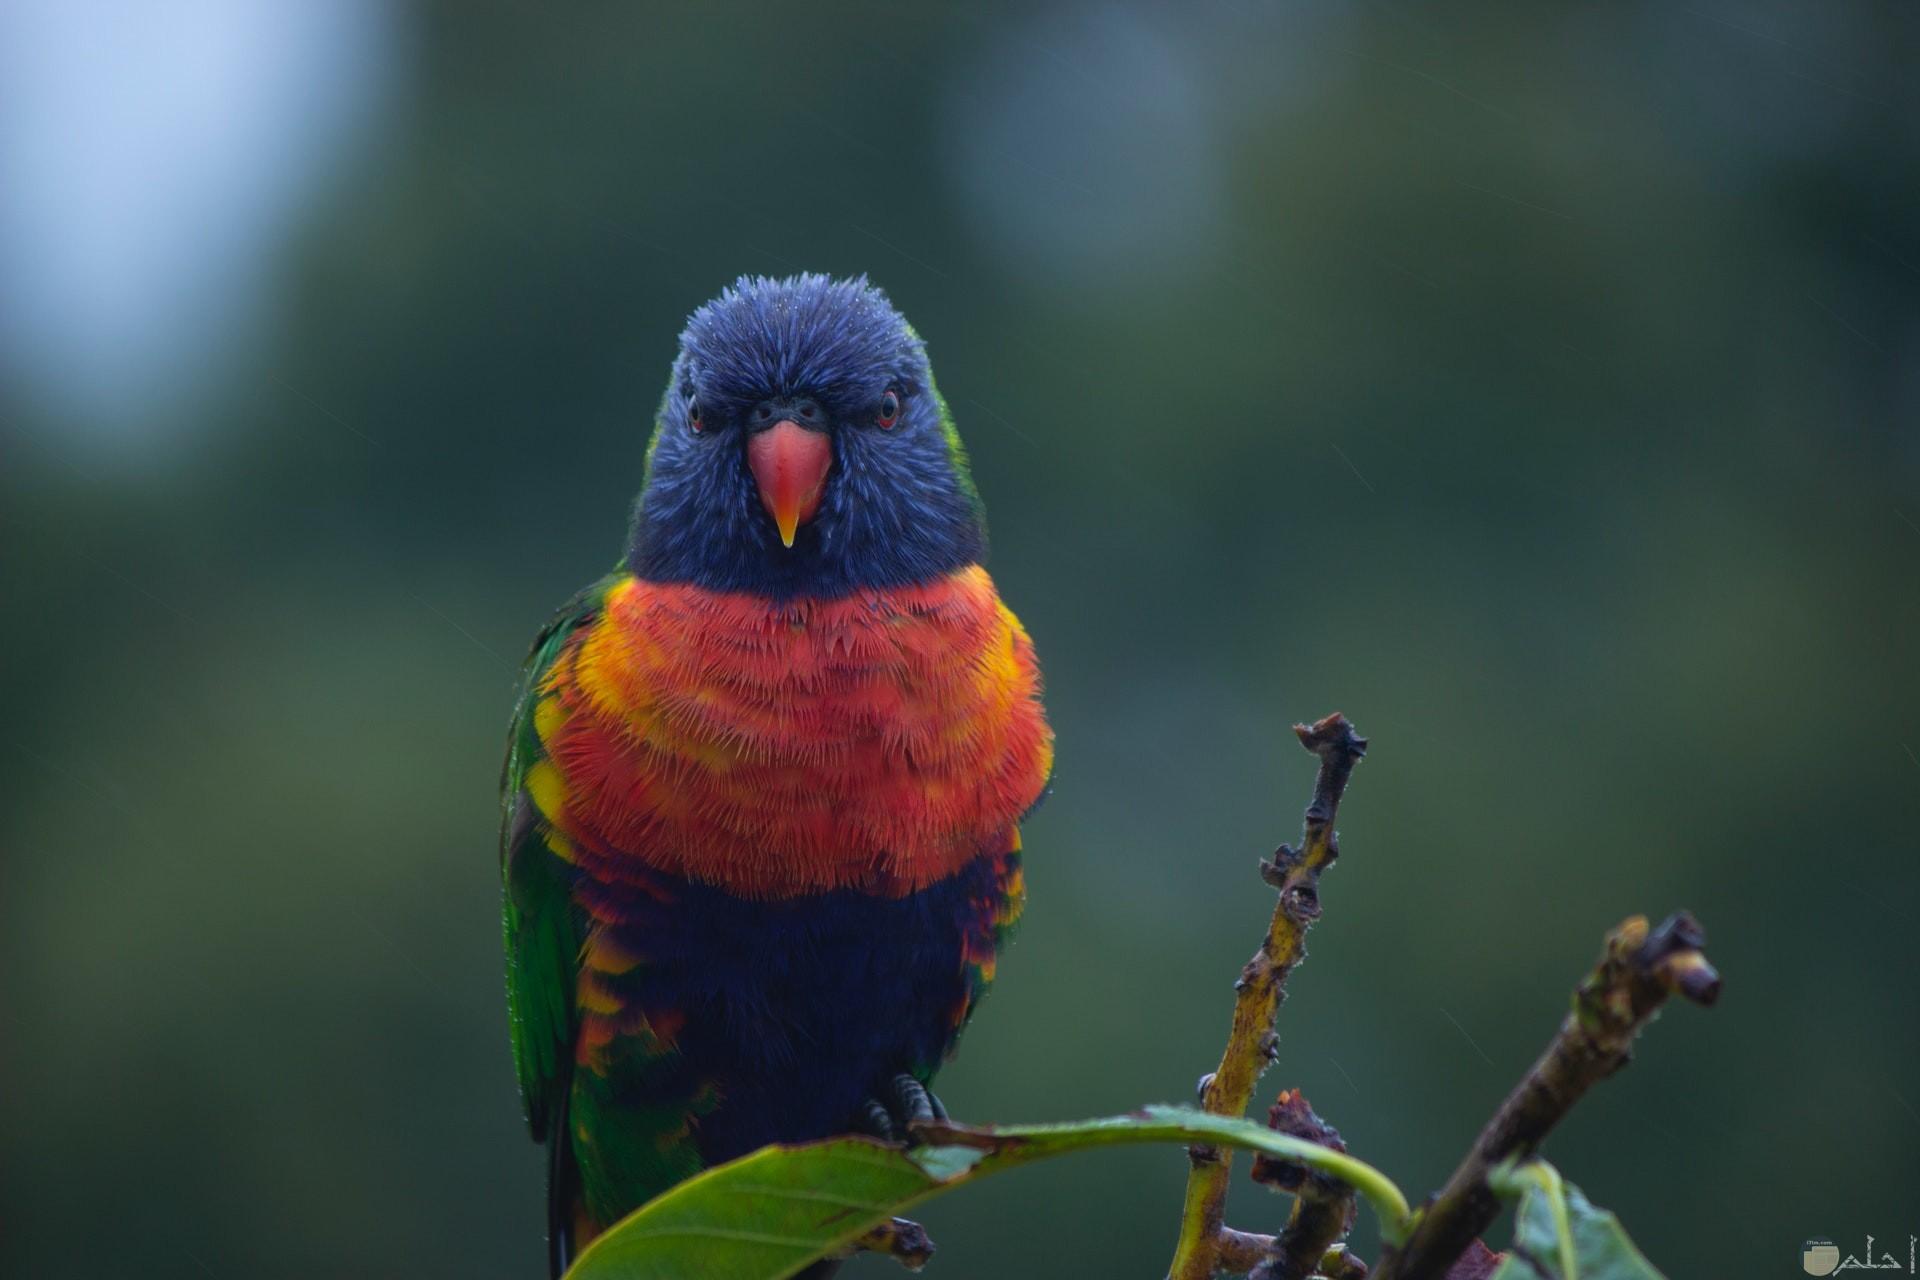 صورة جميلة جدا لطائر بألوان أزرق وأحمر وأصفر وأخضر واقف